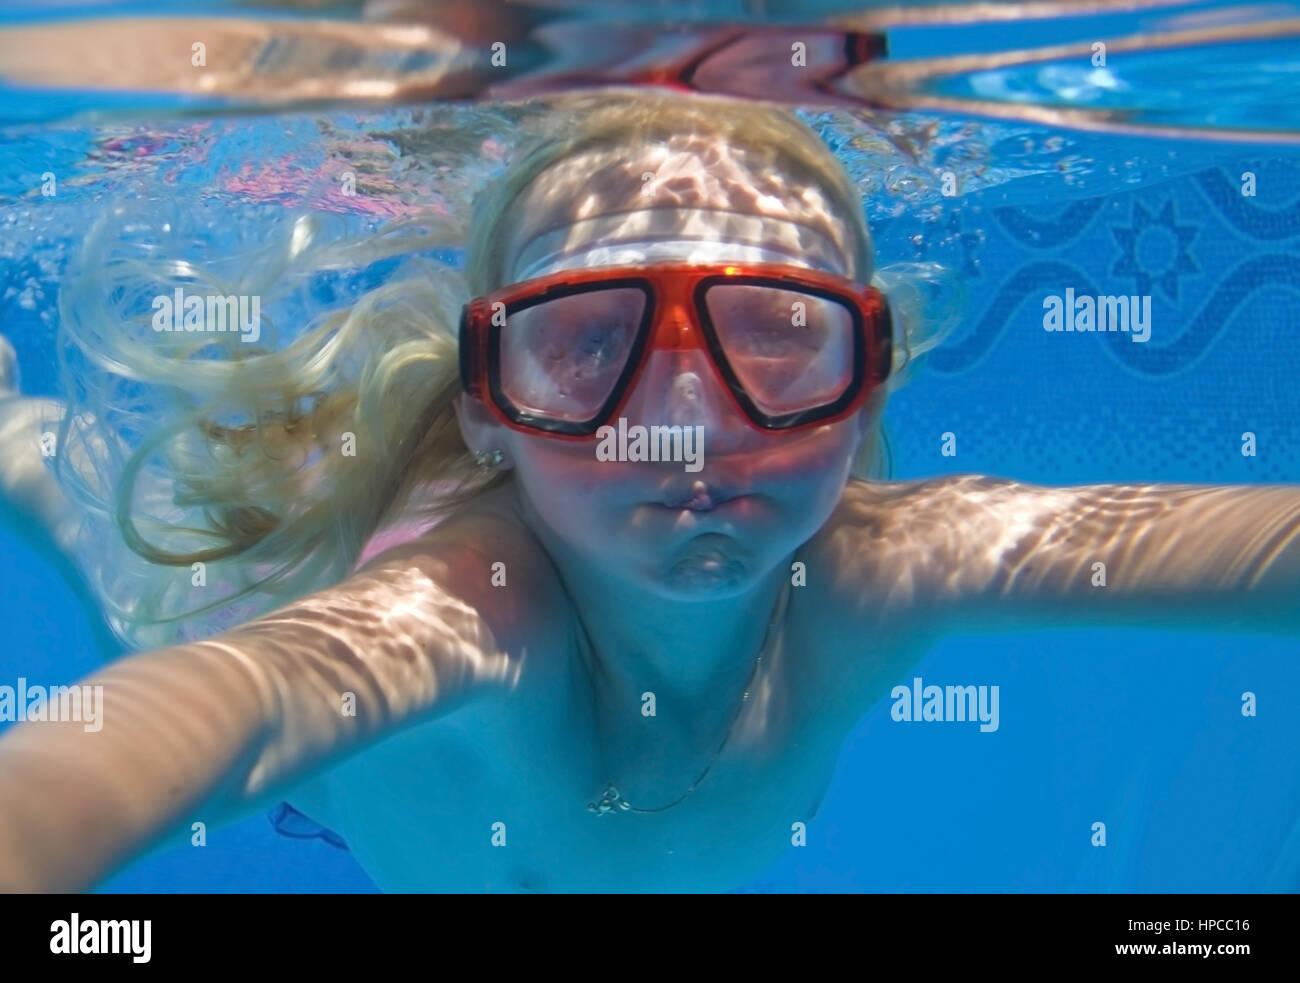 Maedchen mit Taucherbrille schwimmt Unterwasser - fille avec googles plongée nage sous l'eau Banque D'Images